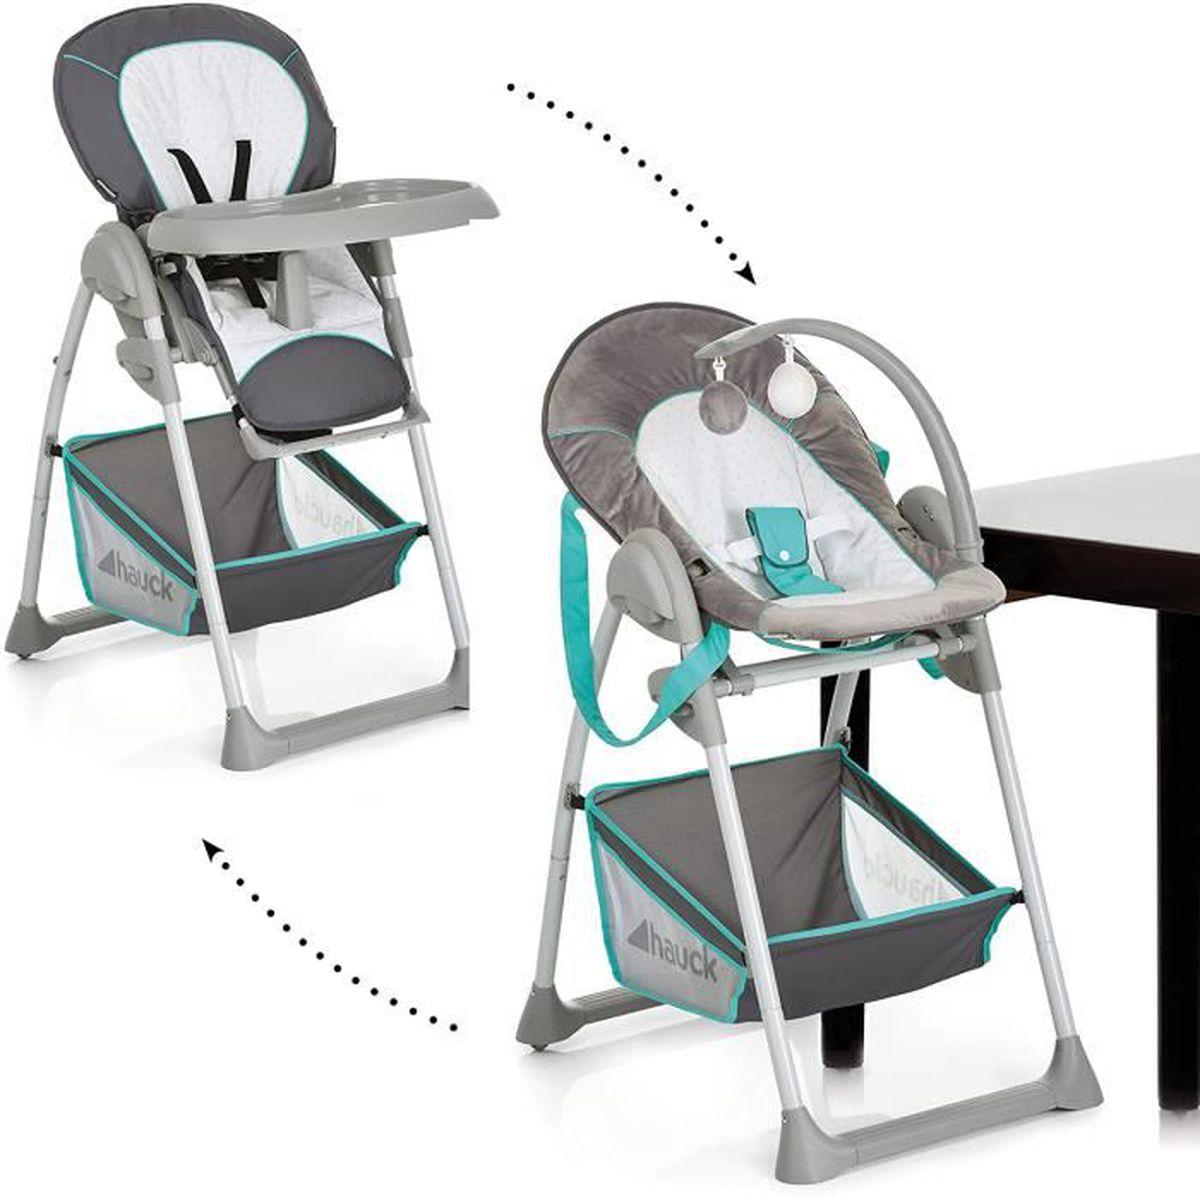 Transat Bébé et Chaise pour Enfants/avec Position Couchée/avec Arc